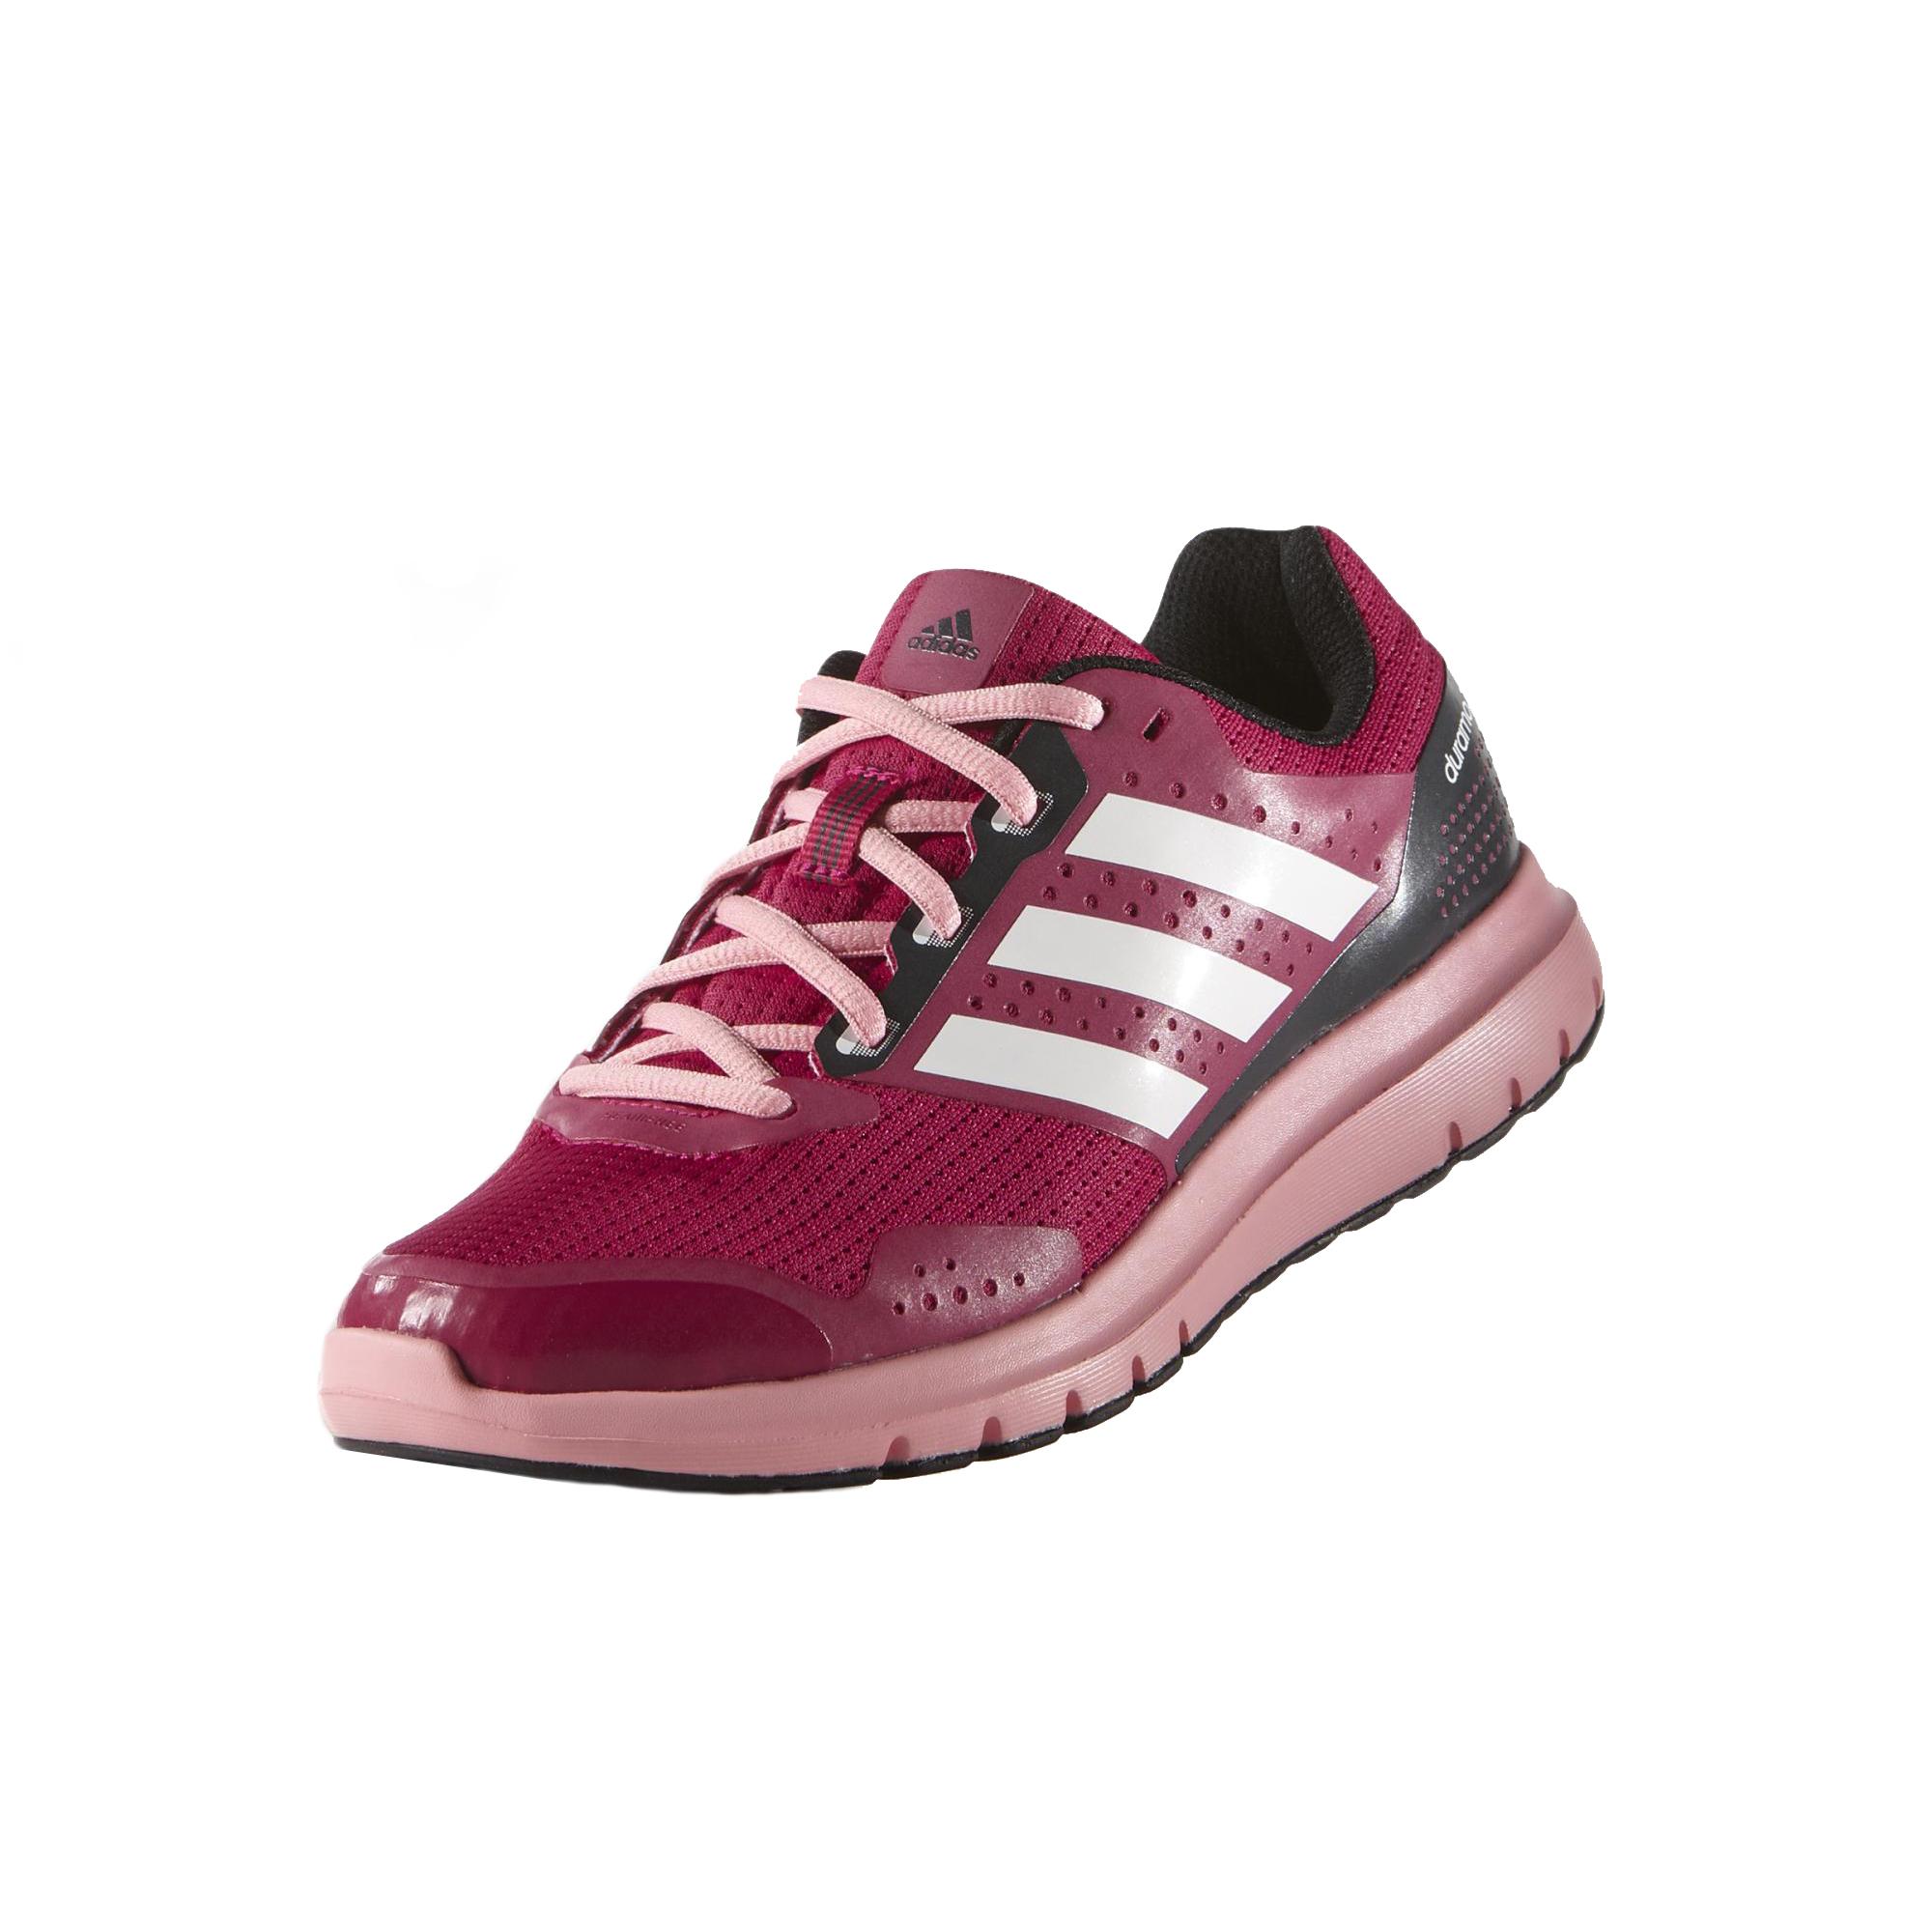 separation shoes 20e84 ce0a5 Adidas Duramo 7 W (rosablanconegro)